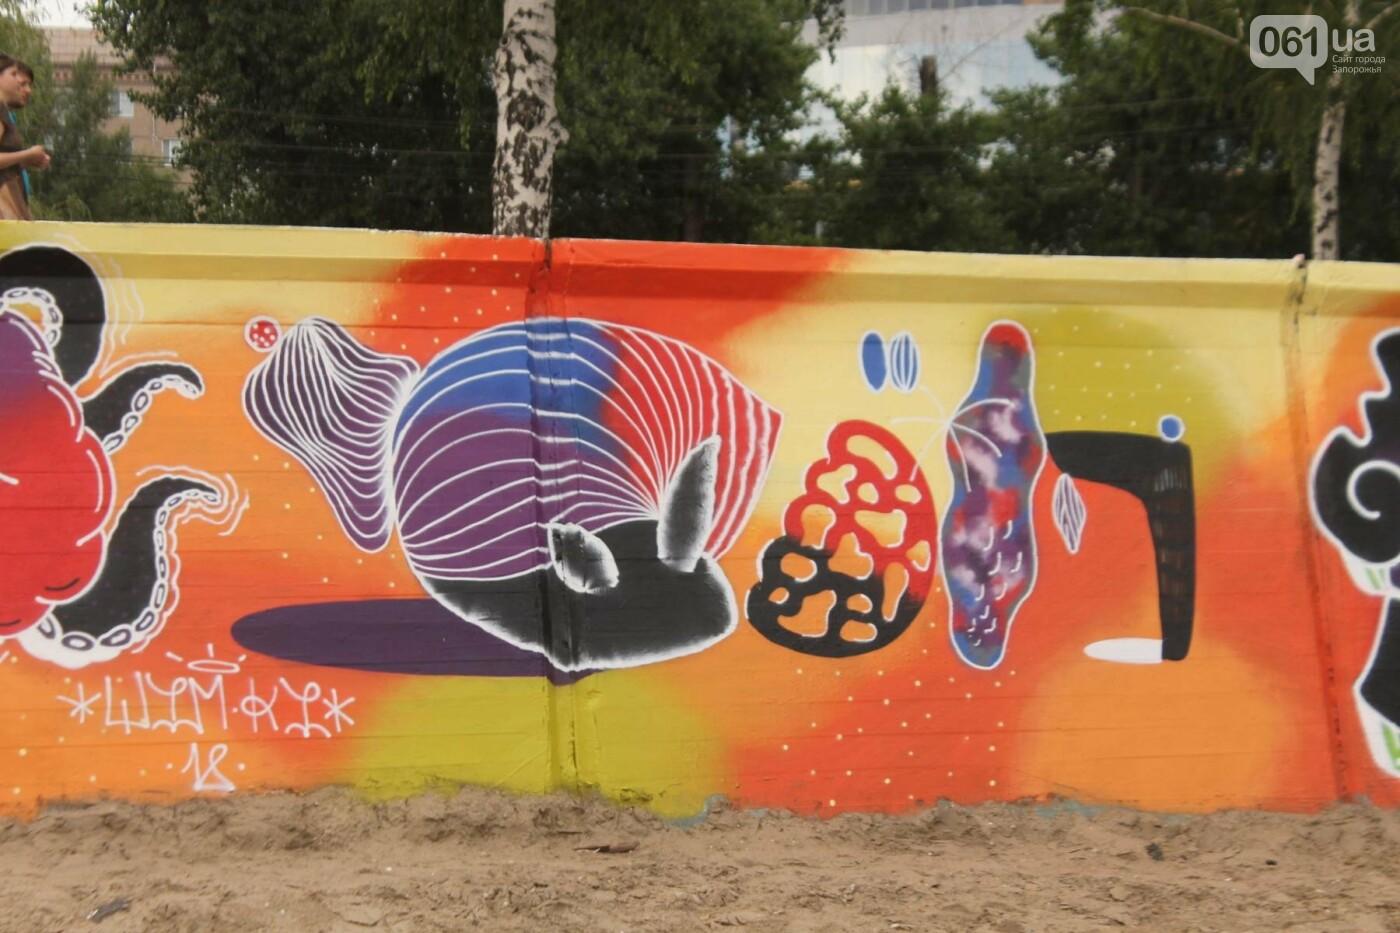 В Запорожье на пляже закончился фестиваль граффити: разрисовали 150 метров бетонной стены, – ФОТОРЕПОРТАЖ, фото-11